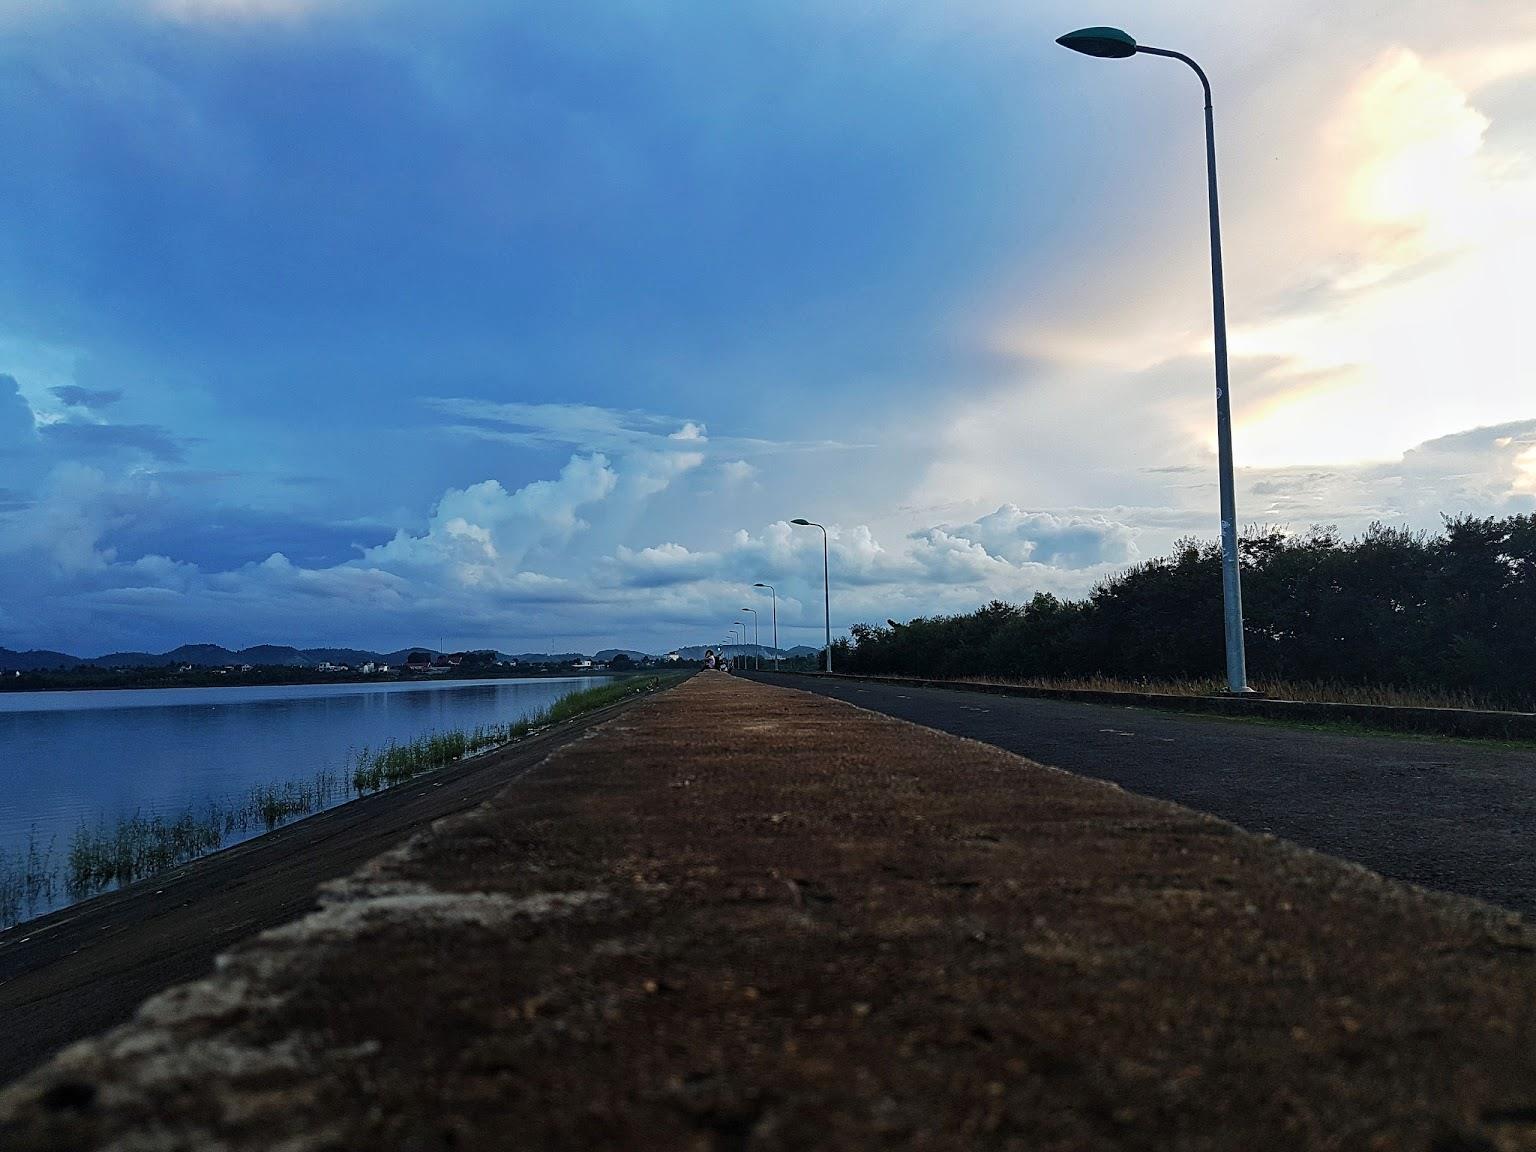 Về Buôn Ma Thuật lãng du trên hồ Ea Kao